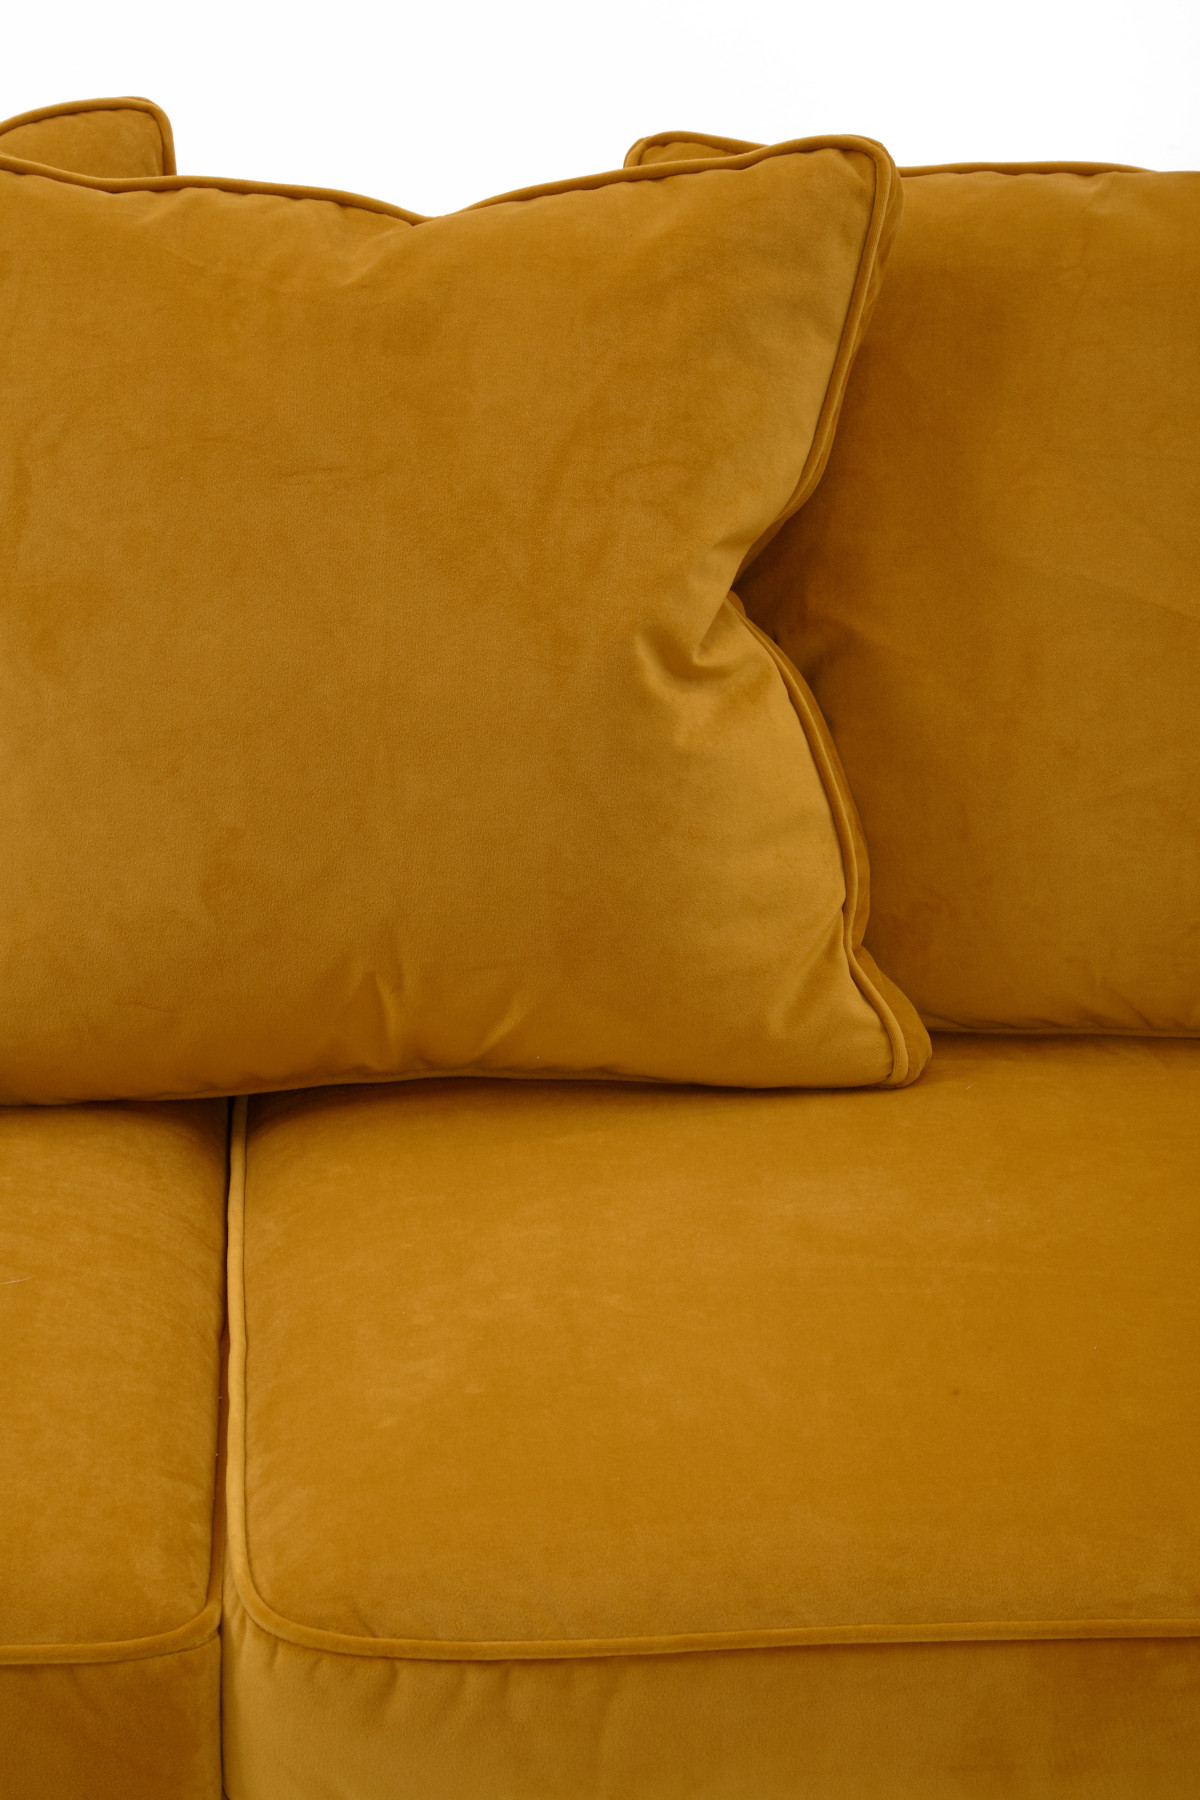 Daytona Large Chaise Sofa